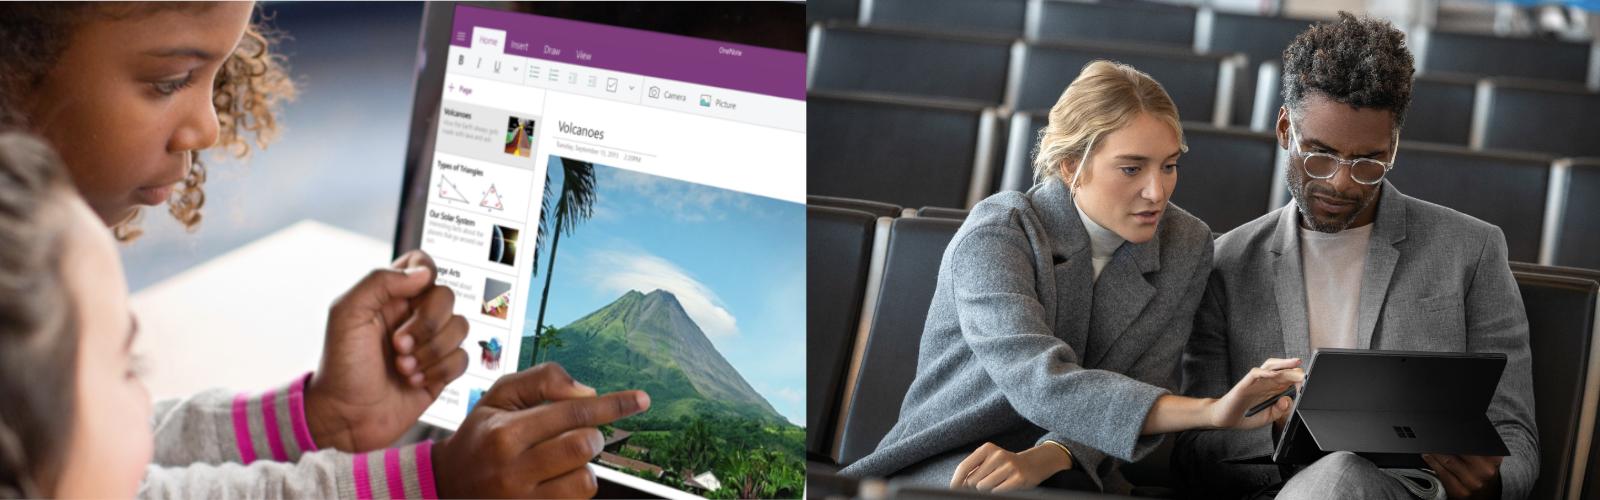 Lehrende und Lernende arbeiten mit den Surface Geräten und Microsoft 365.